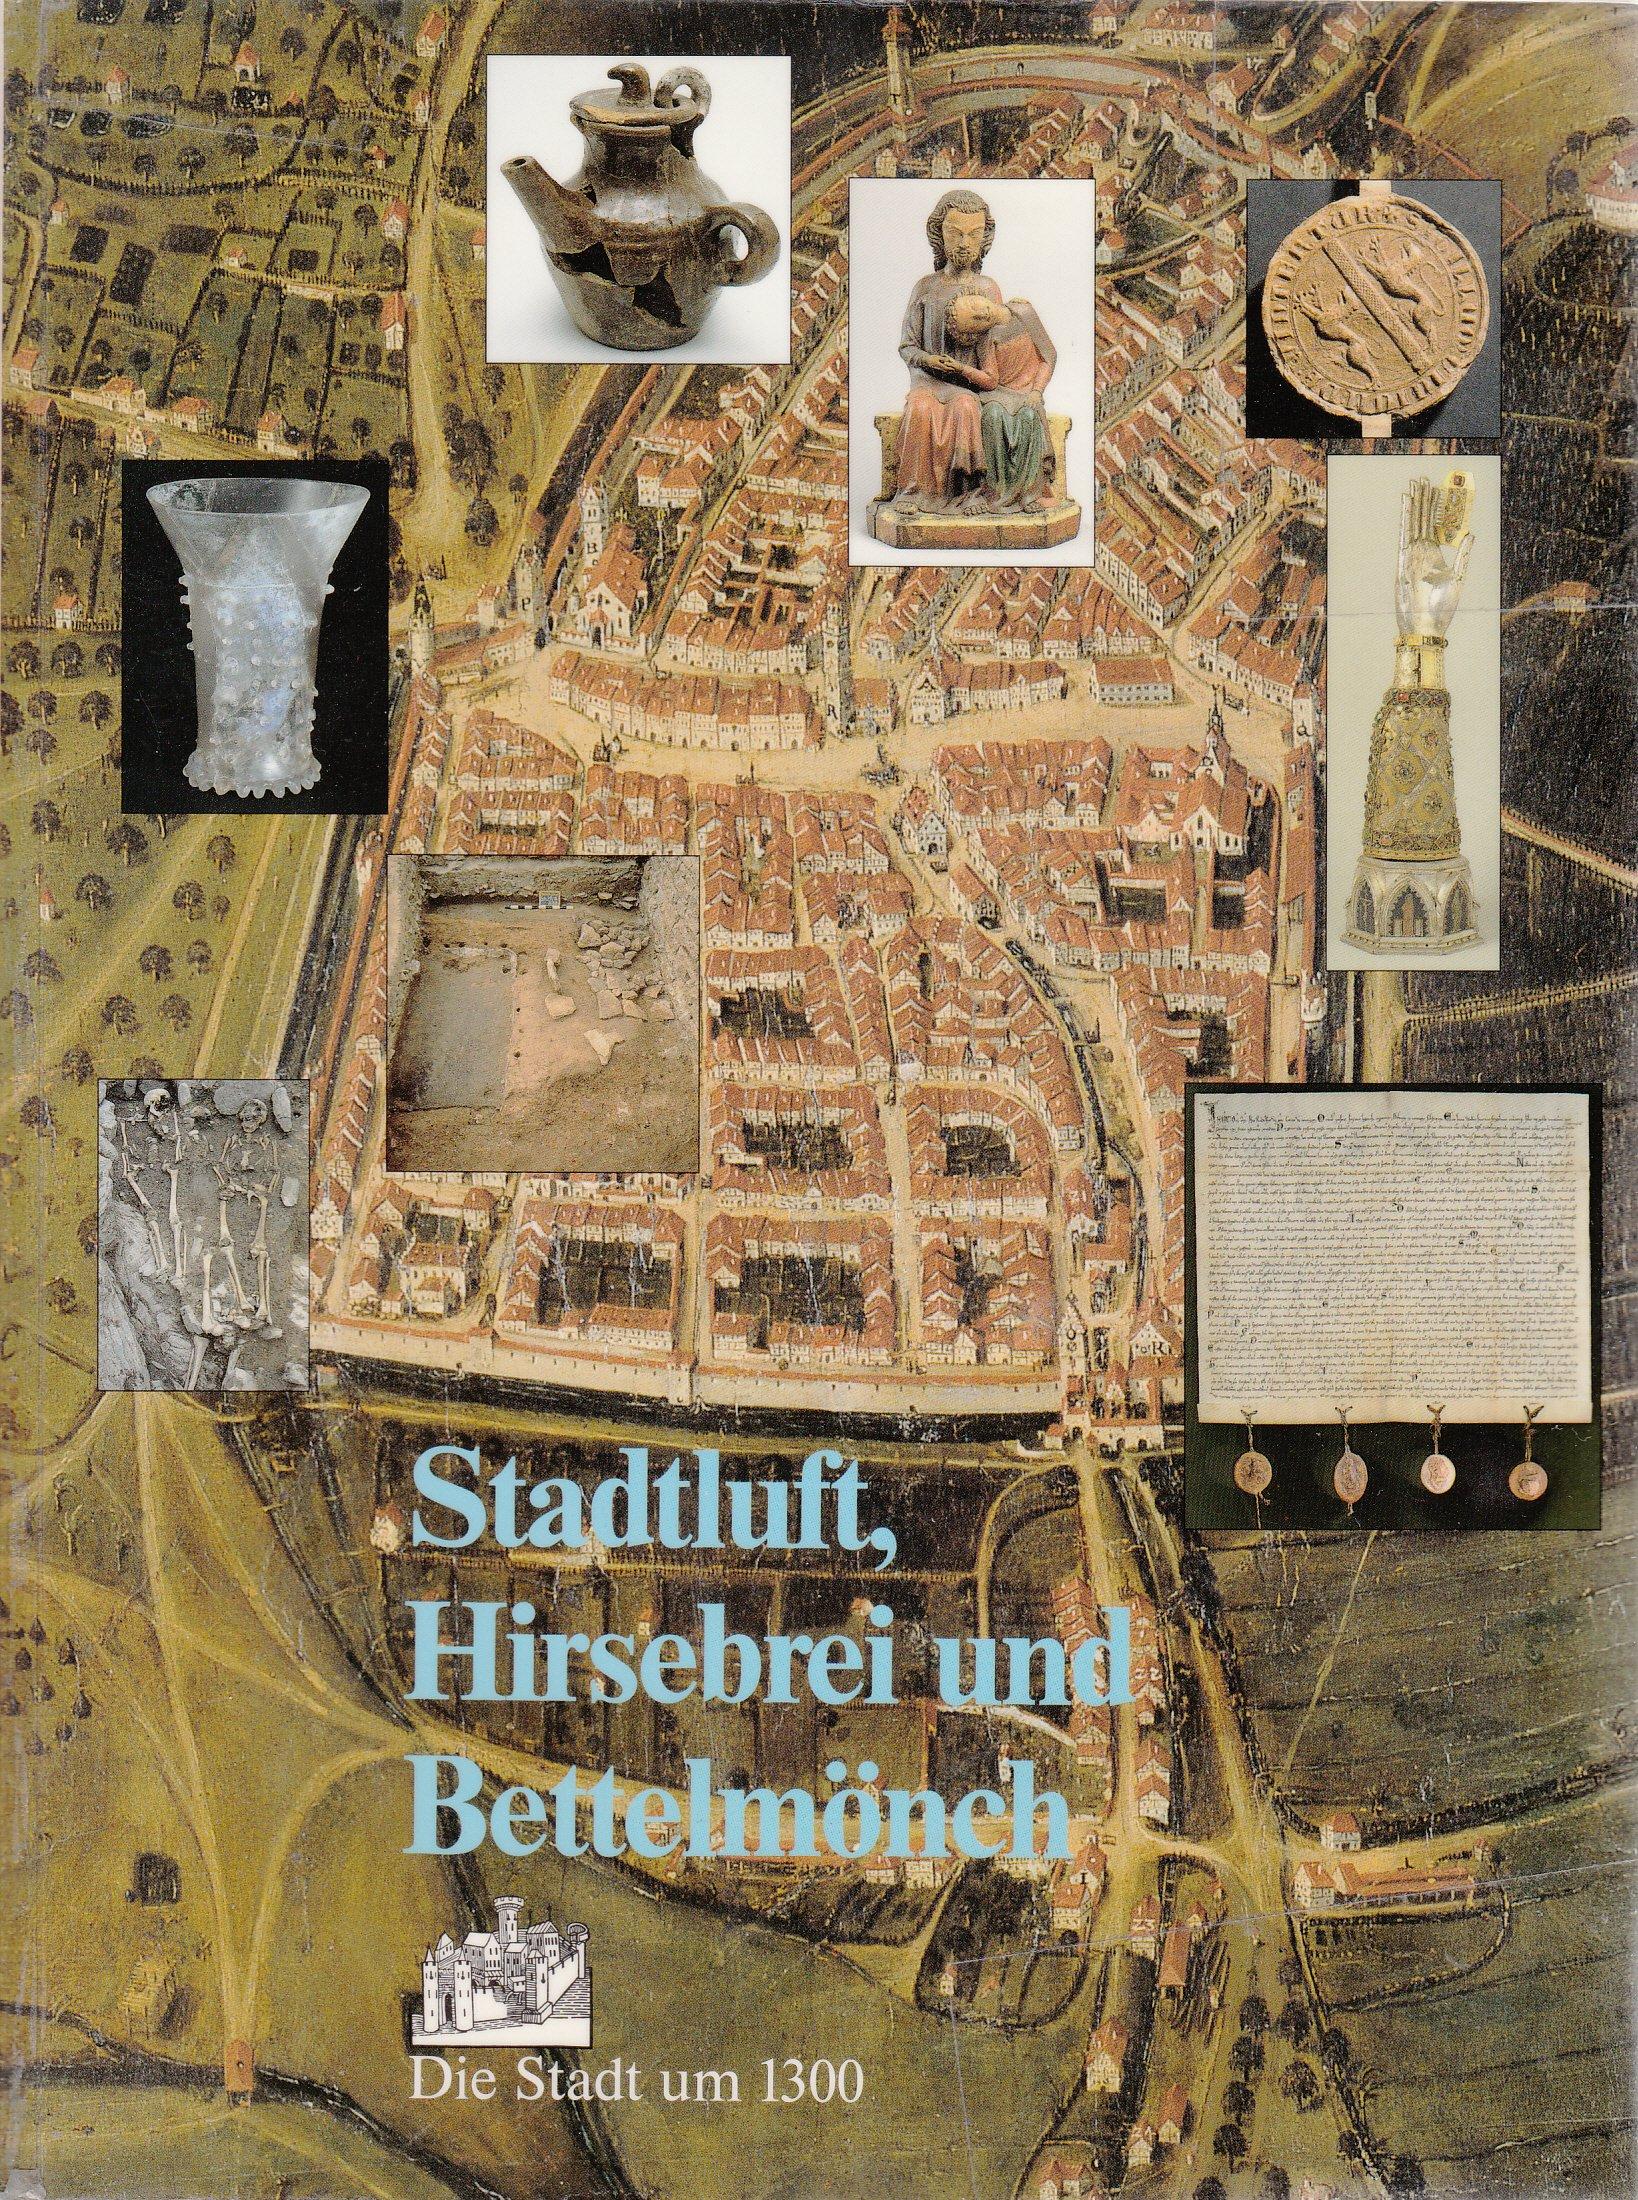 Stadtluft, Hirsebrei und Bettelmönch. Die Stadt um 1300.